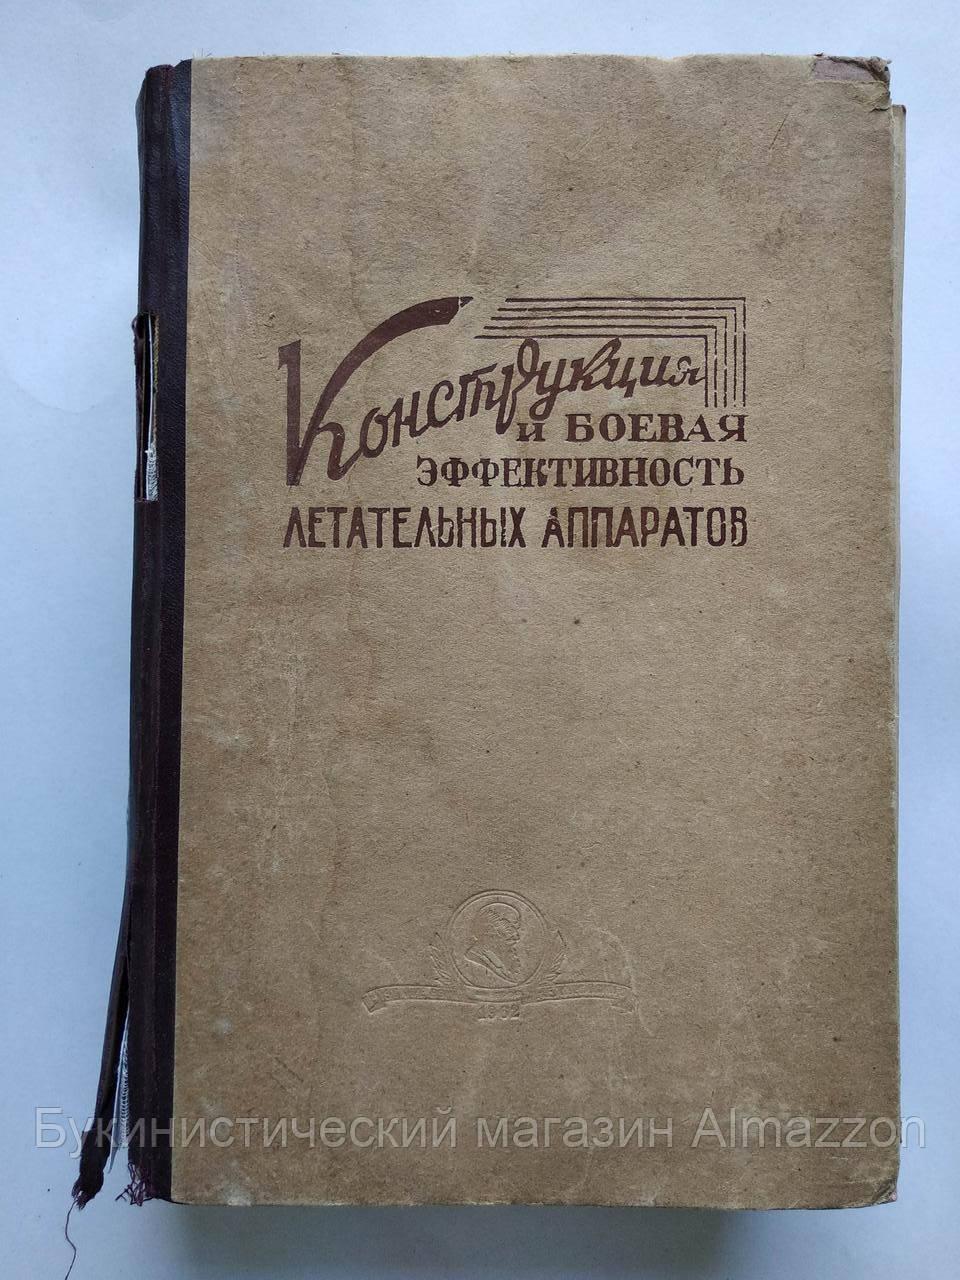 Конструкция и боевая эффективность летательных аппаратов Е.Ананьев 1962 год